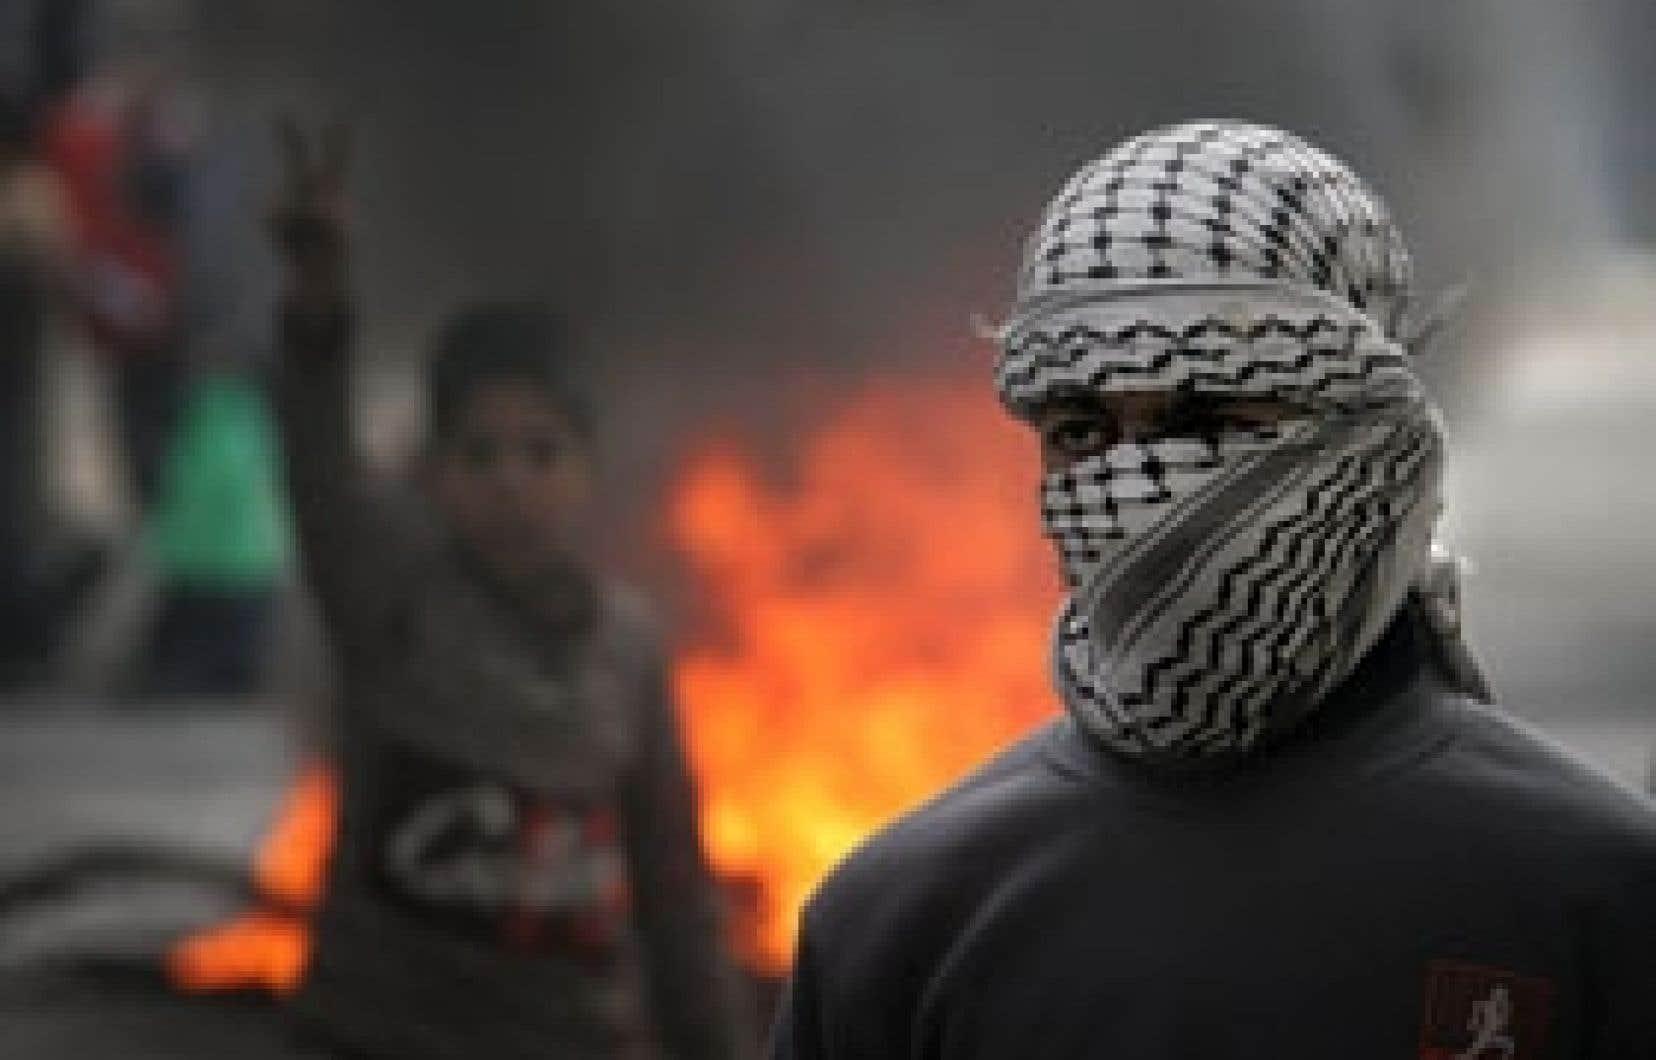 Des milliers de Palestiniens ont manifesté leur colère contre les attaques israéliennes en Cisjordanie hier.